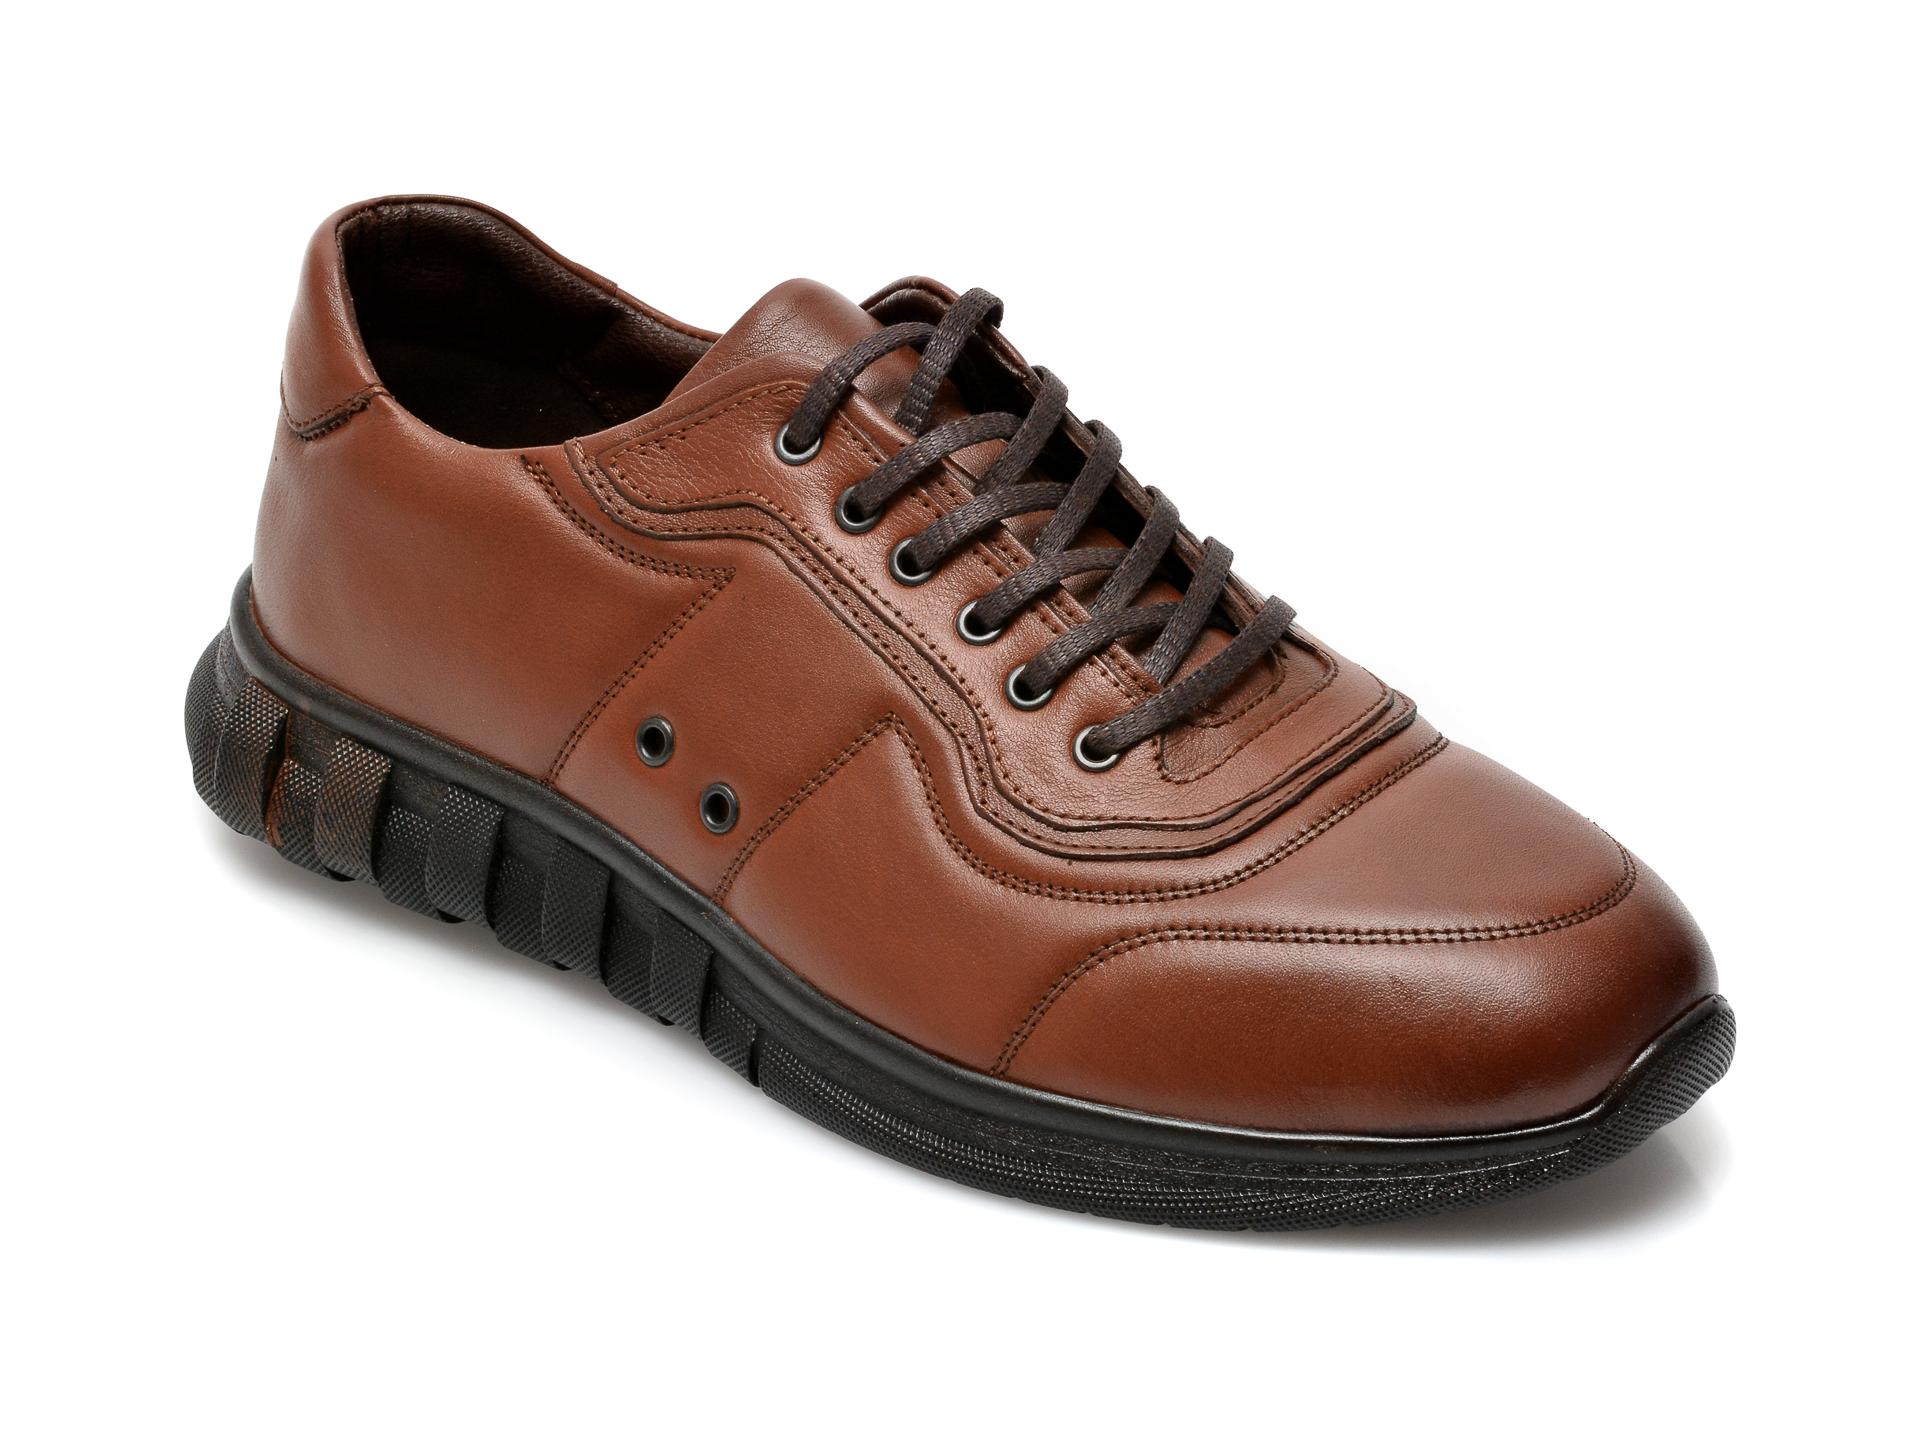 Pantofi GRYXX maro, SYR103, din piele naturala imagine otter.ro 2021